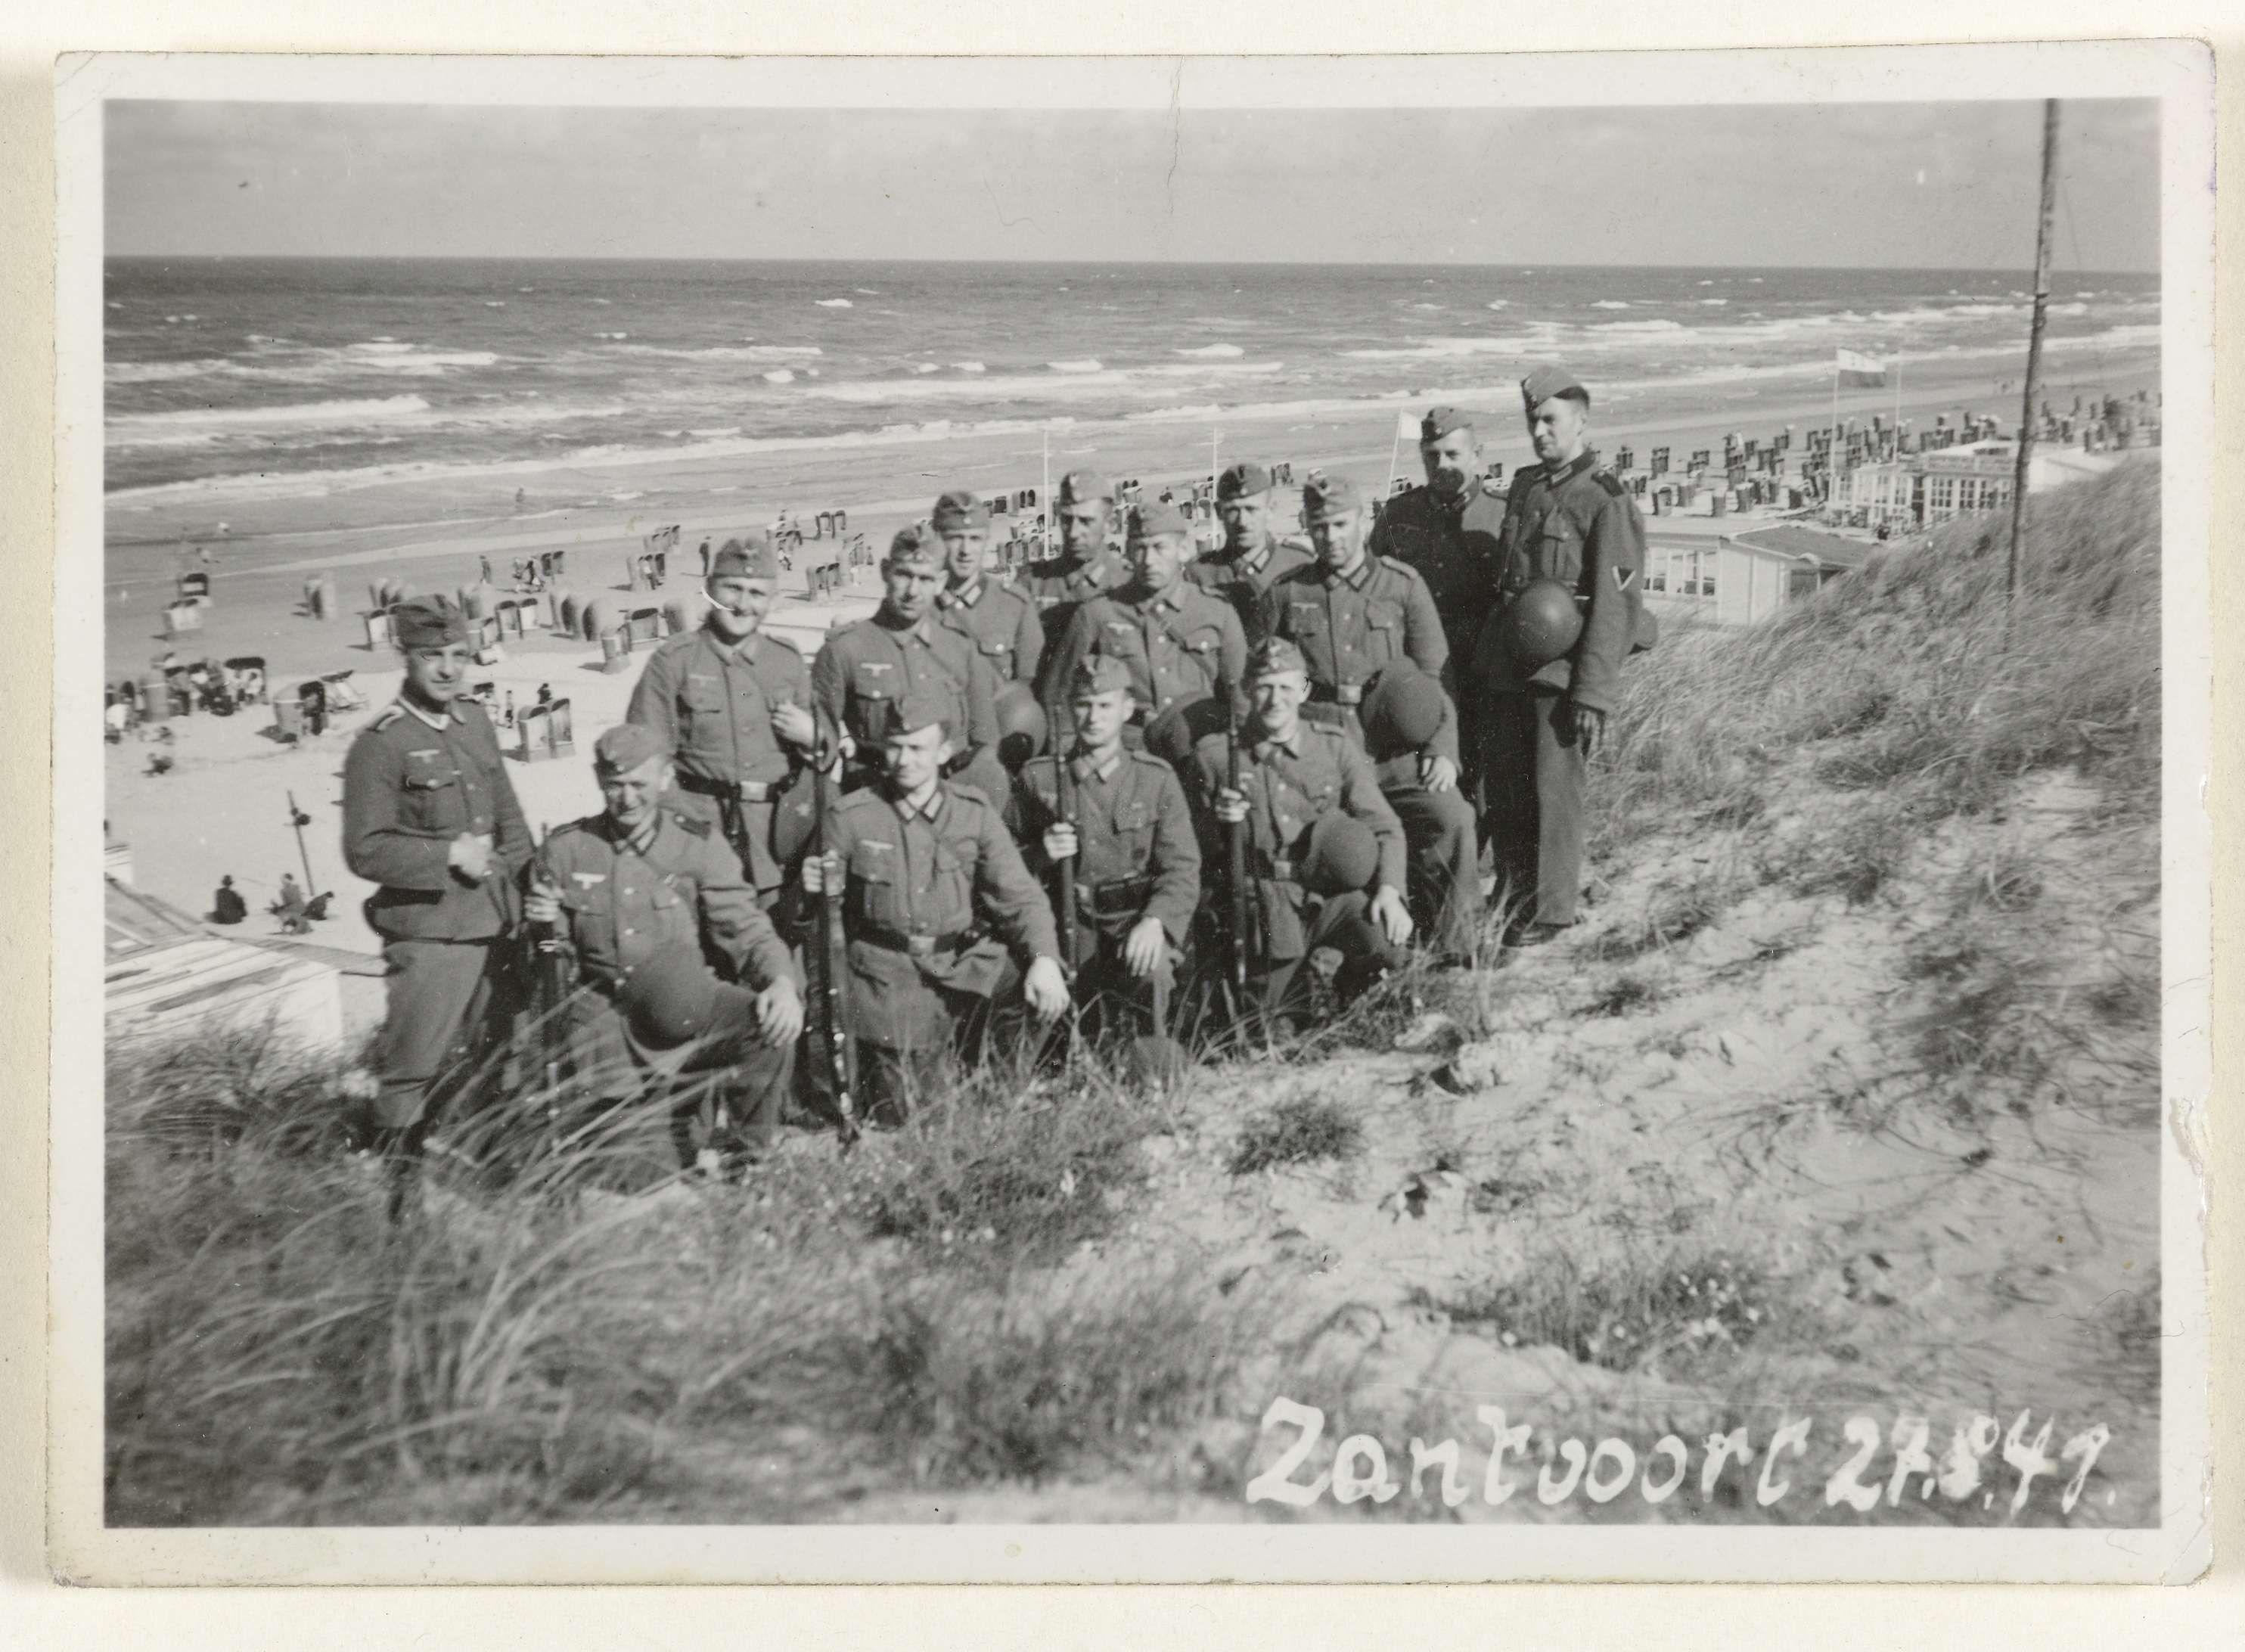 Anonymous | Duitse soldaten in Zandvoort, 1941, Anonymous, 1941 | Amateurfoto van Duitse soldaten uit 1941 in Zandvoort. Ze staan in uniform in de duinen, het strand achter hen is vol met badgasten.